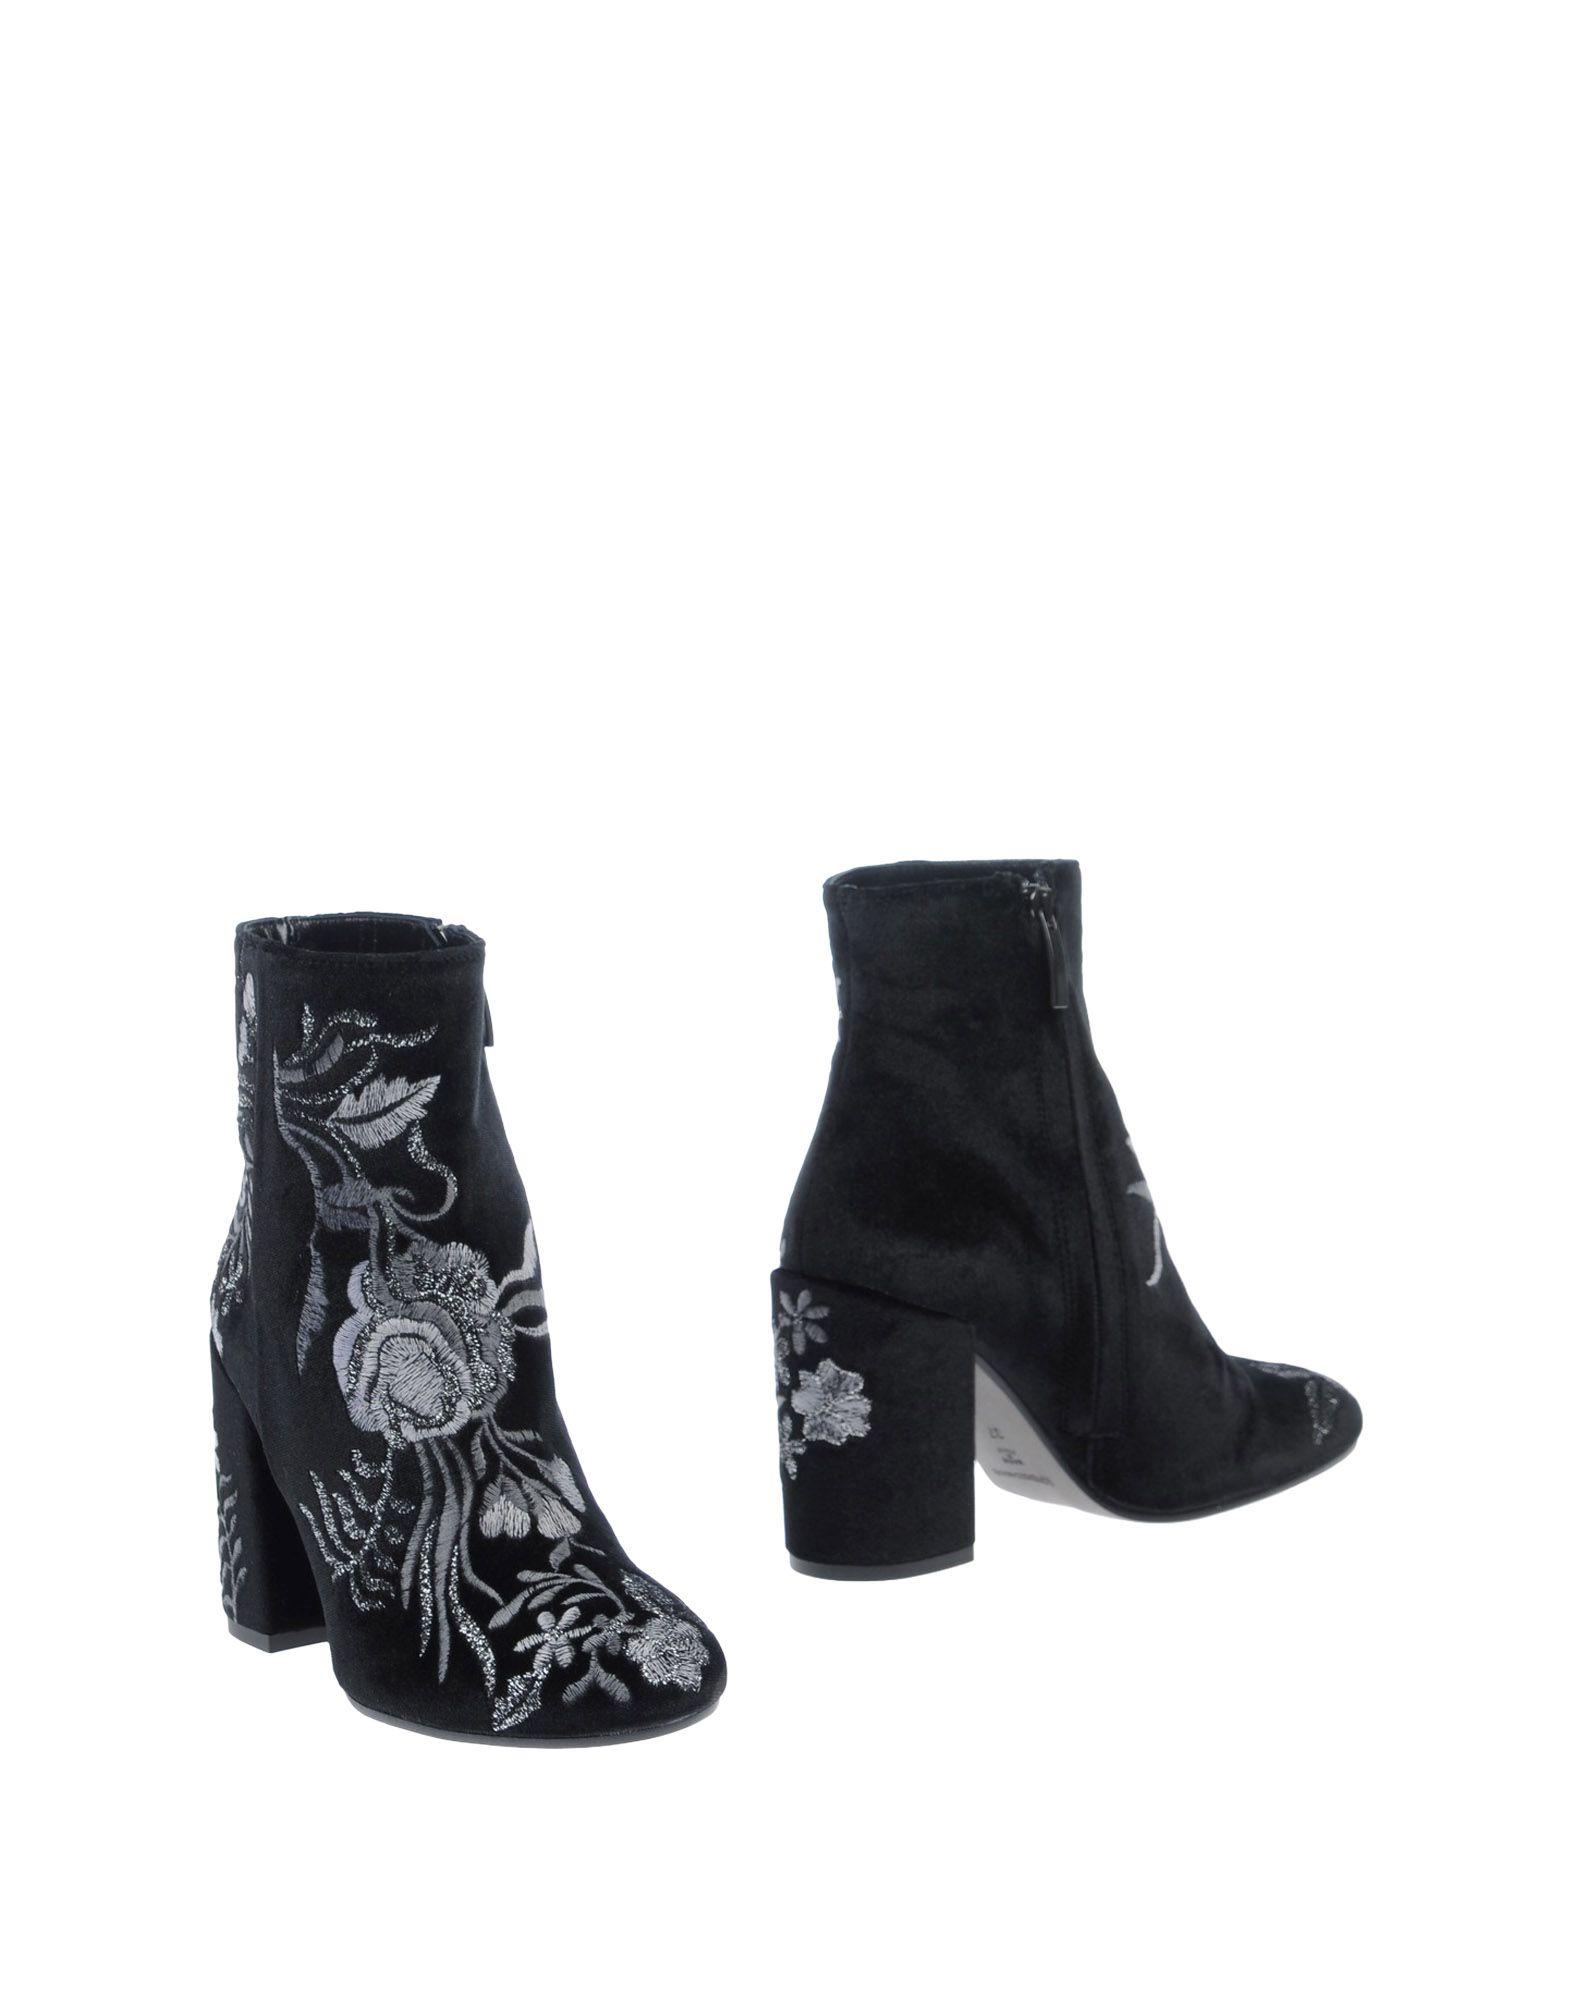 Lorenzo Mari Stiefelette Schuhe Damen  11480968XF Gute Qualität beliebte Schuhe Stiefelette 152f22